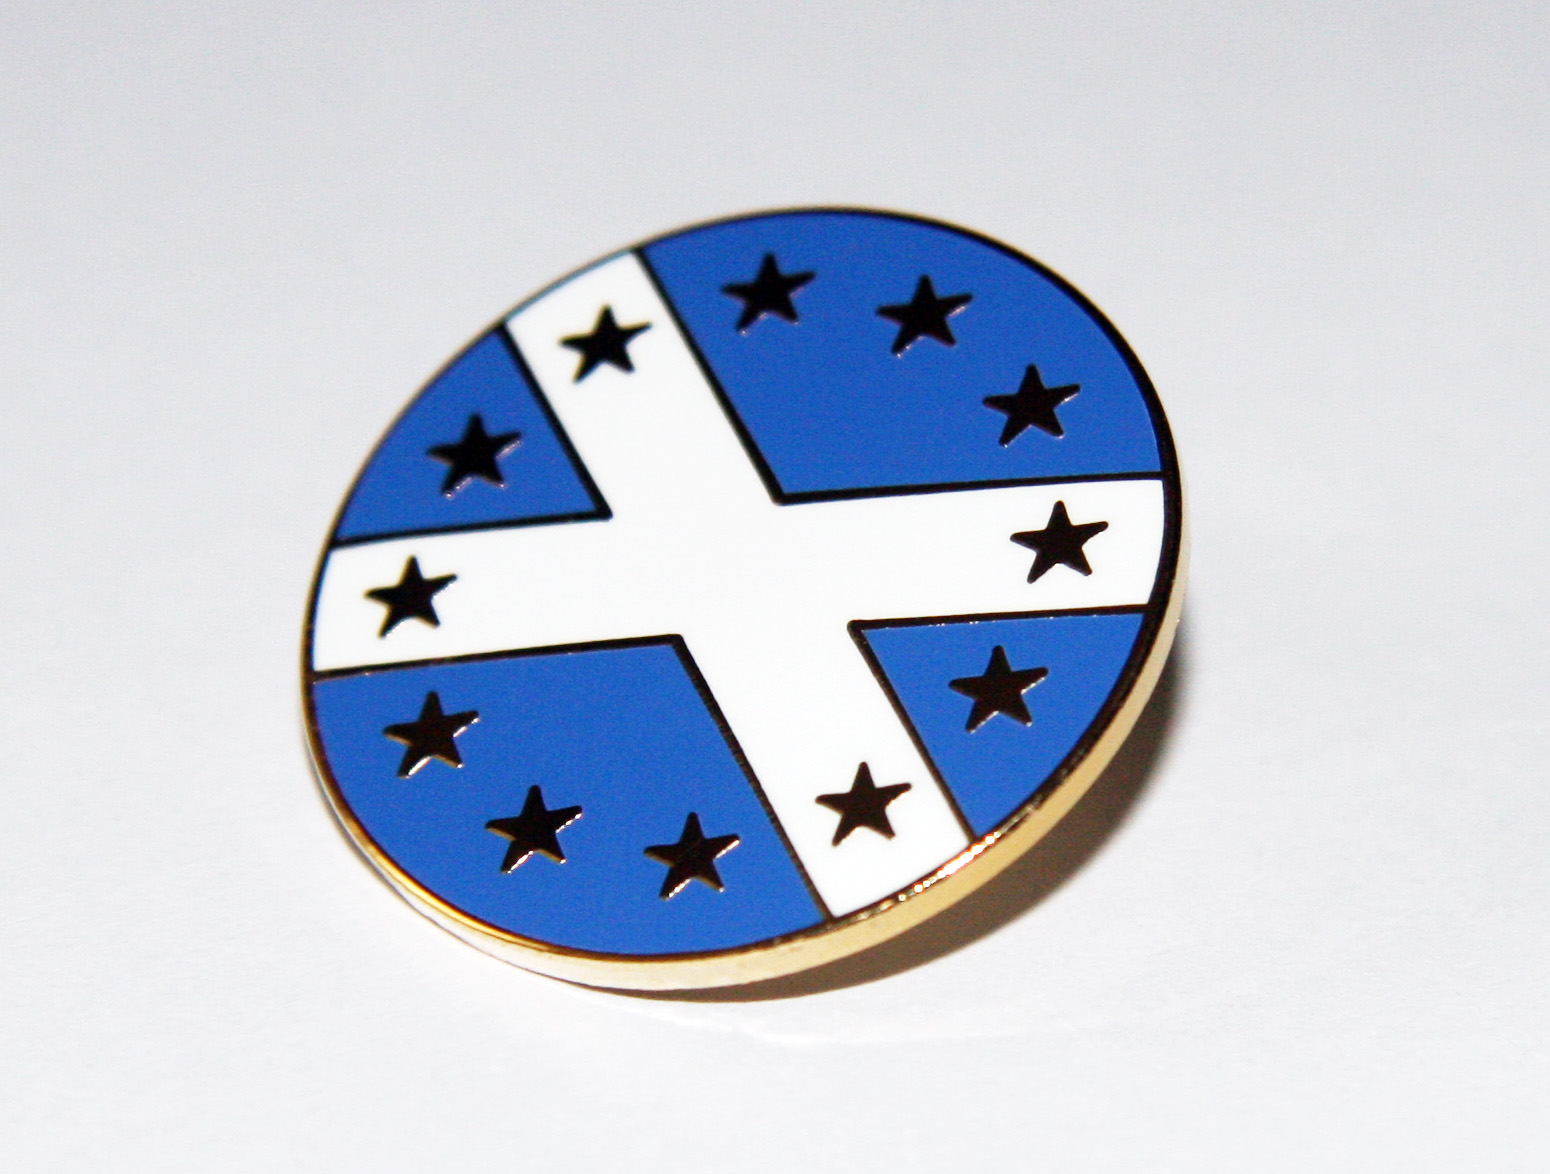 Gold EU Saltire lapel badge